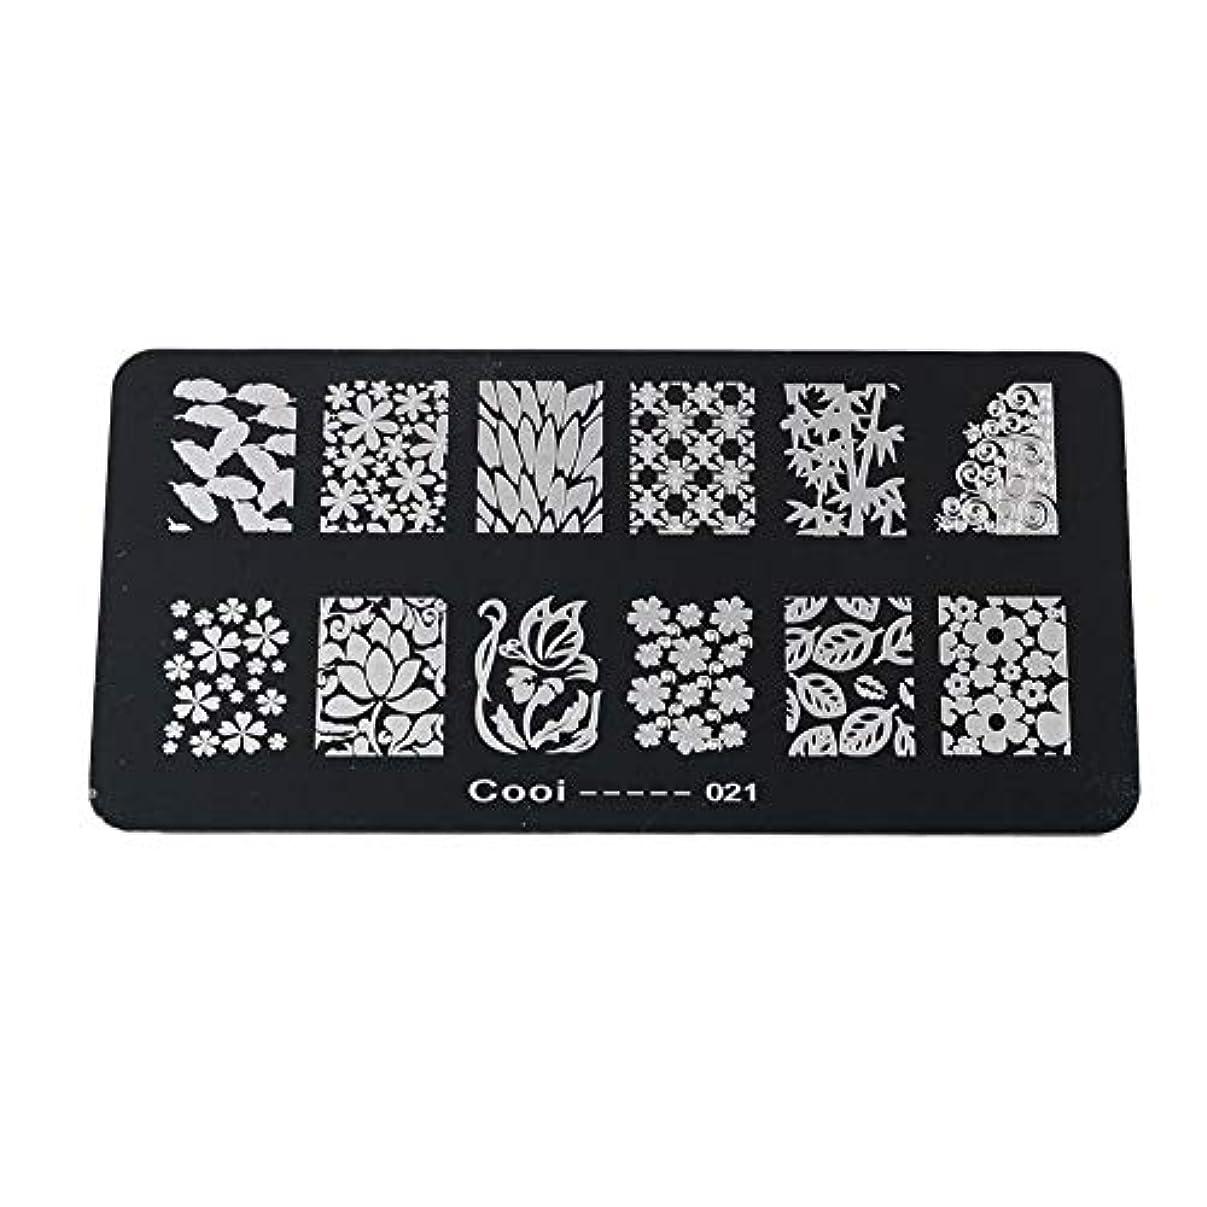 Yuyte耐久性のあるステンレス鋼の長方形のネイルアートスタンピングプレート-DIYマニキュア印刷イメージテンプレート(05)